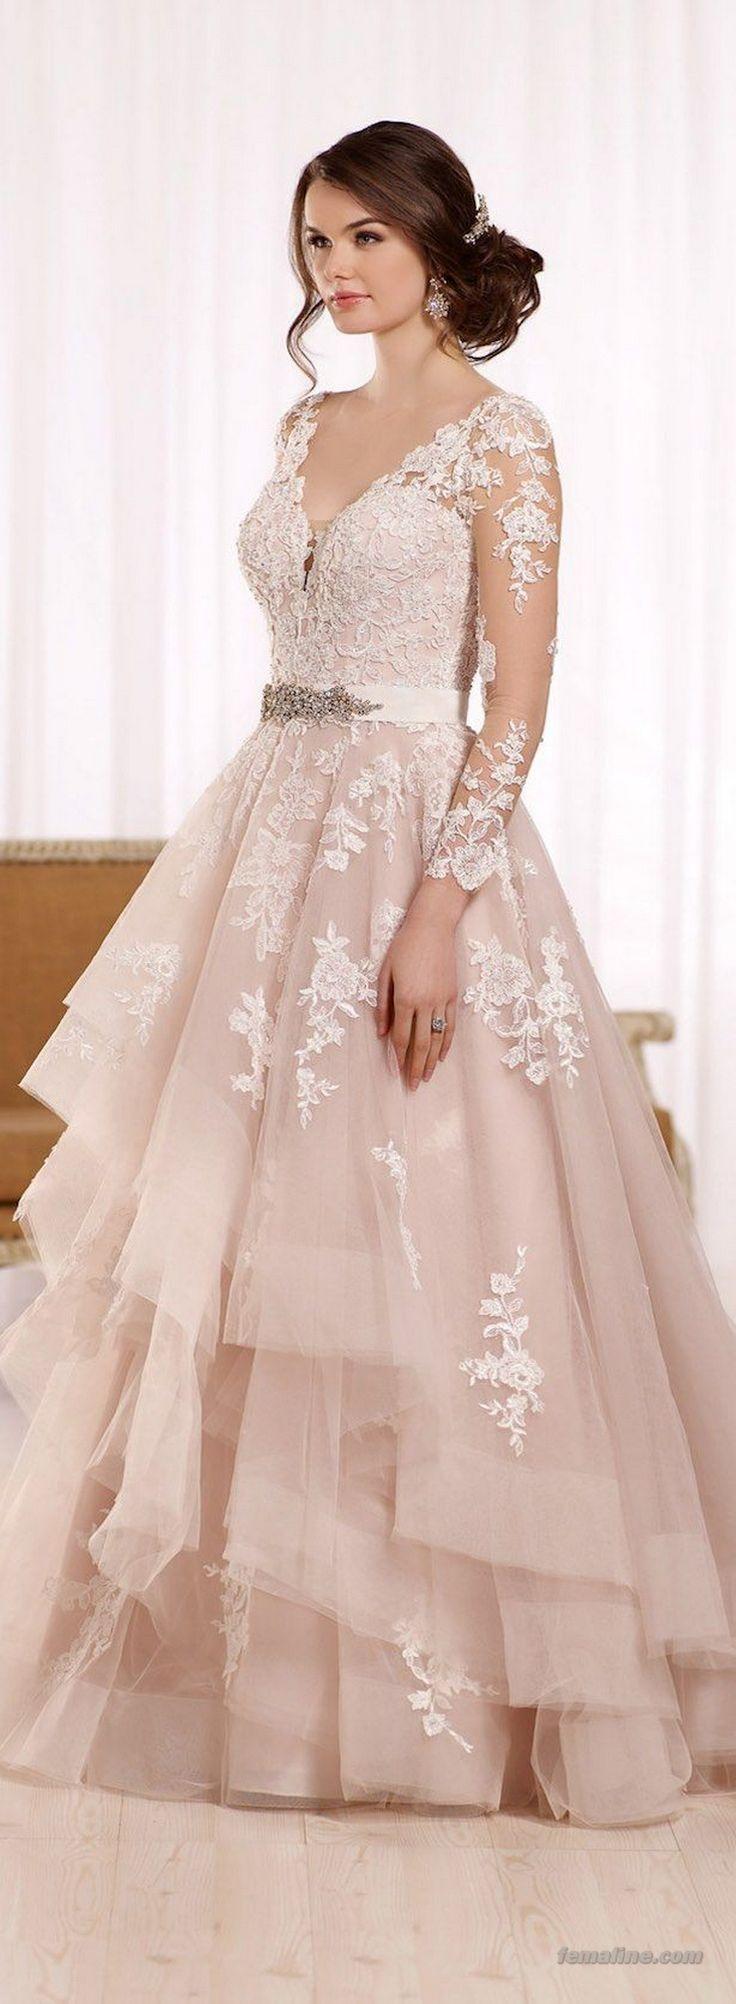 195 mejores imágenes de Vestidos de novia en Pinterest | Vestidos de ...